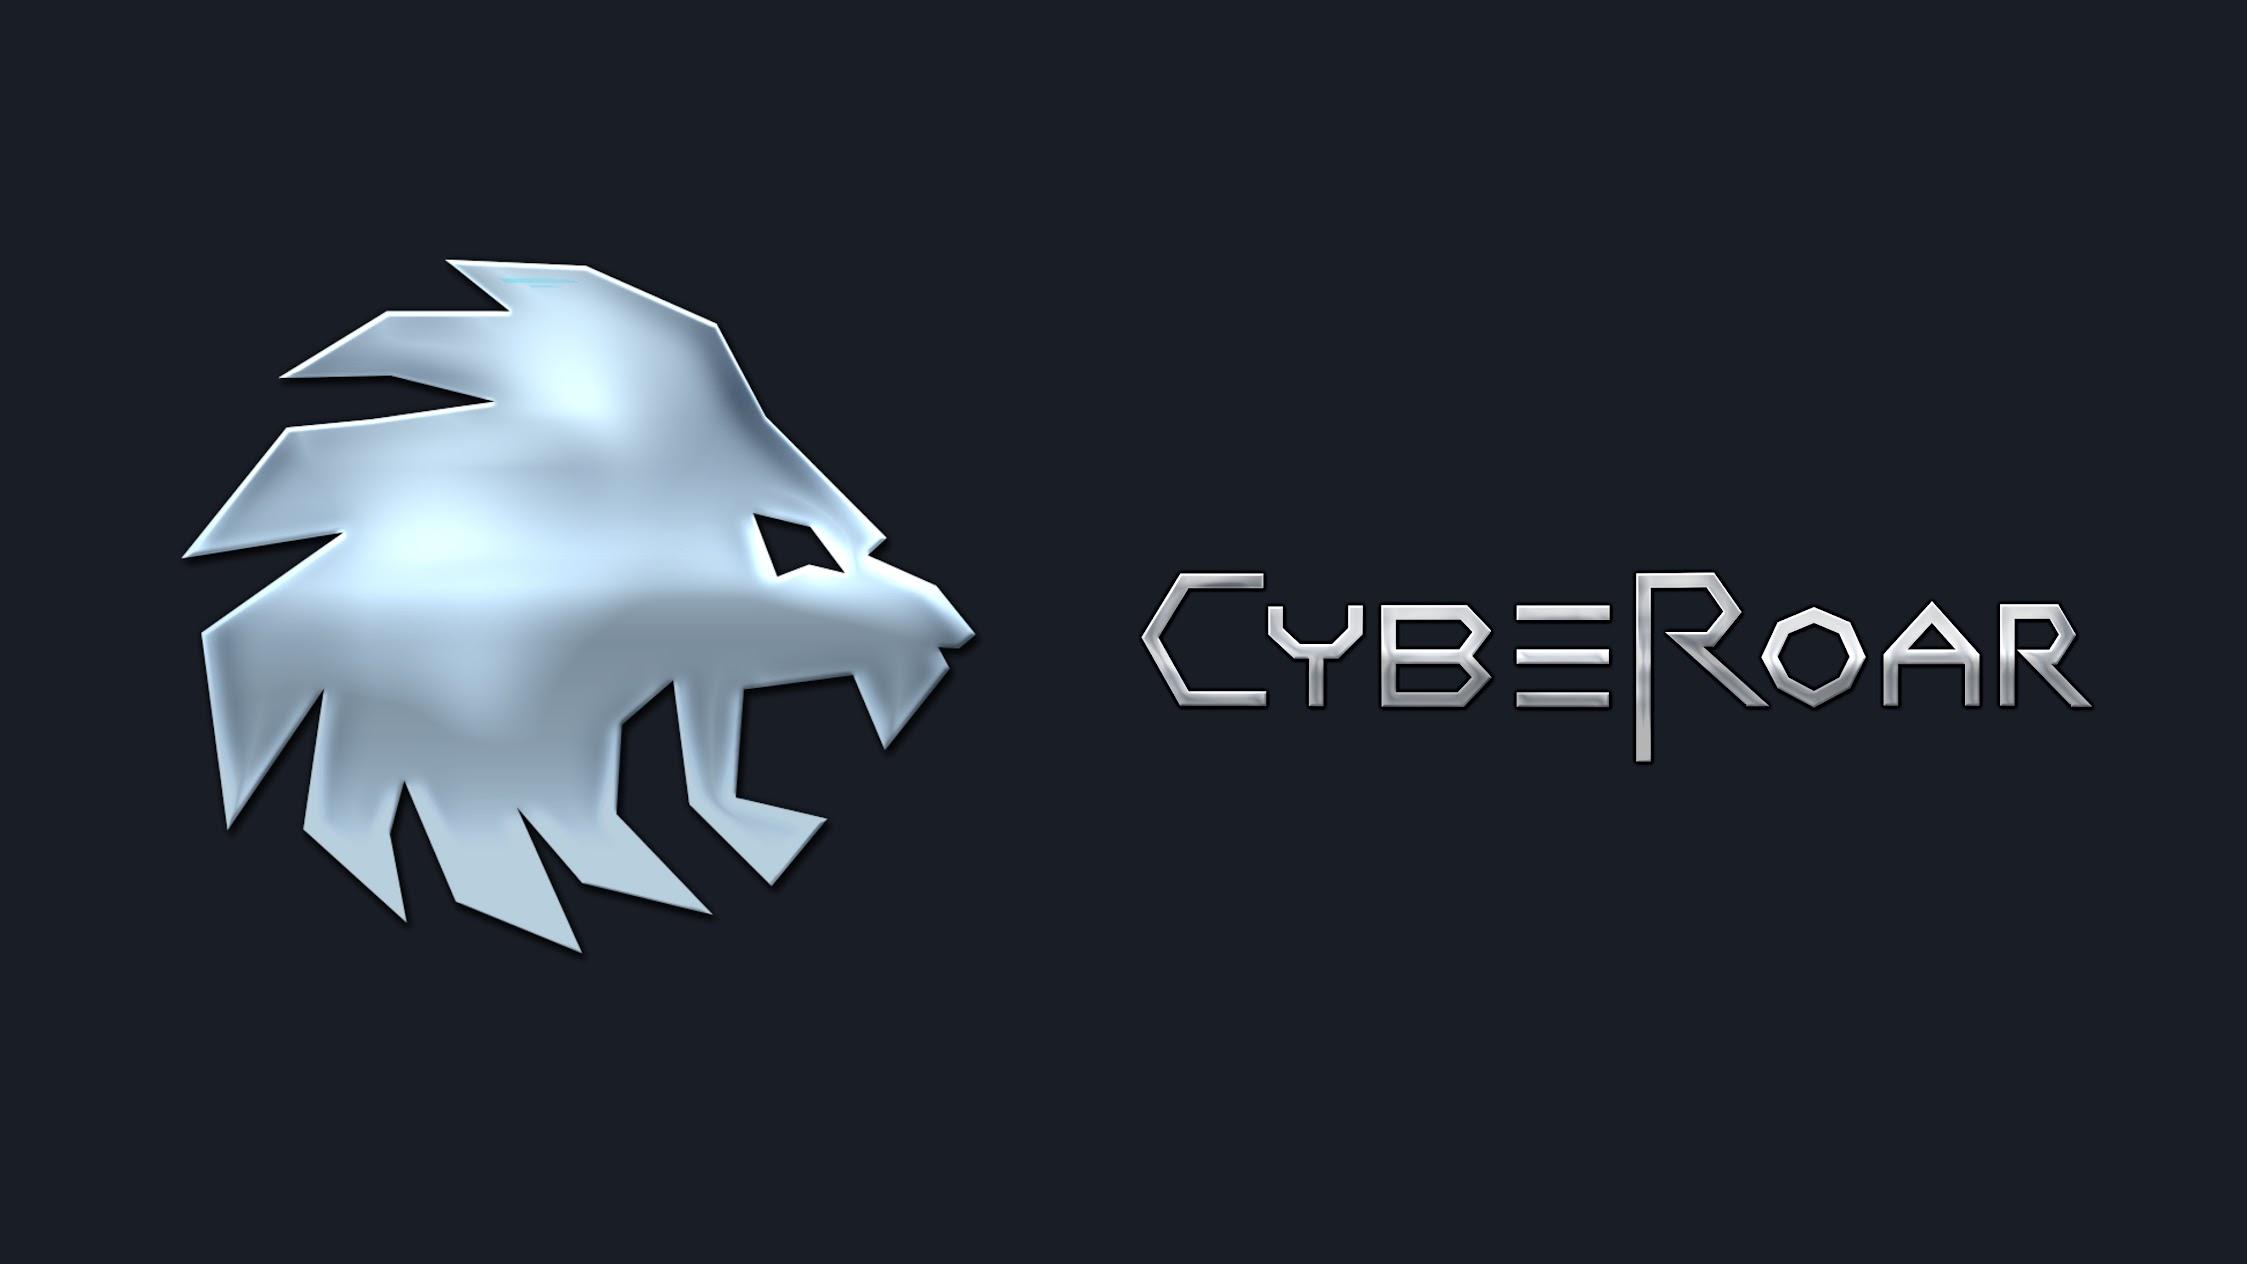 CybeRoar